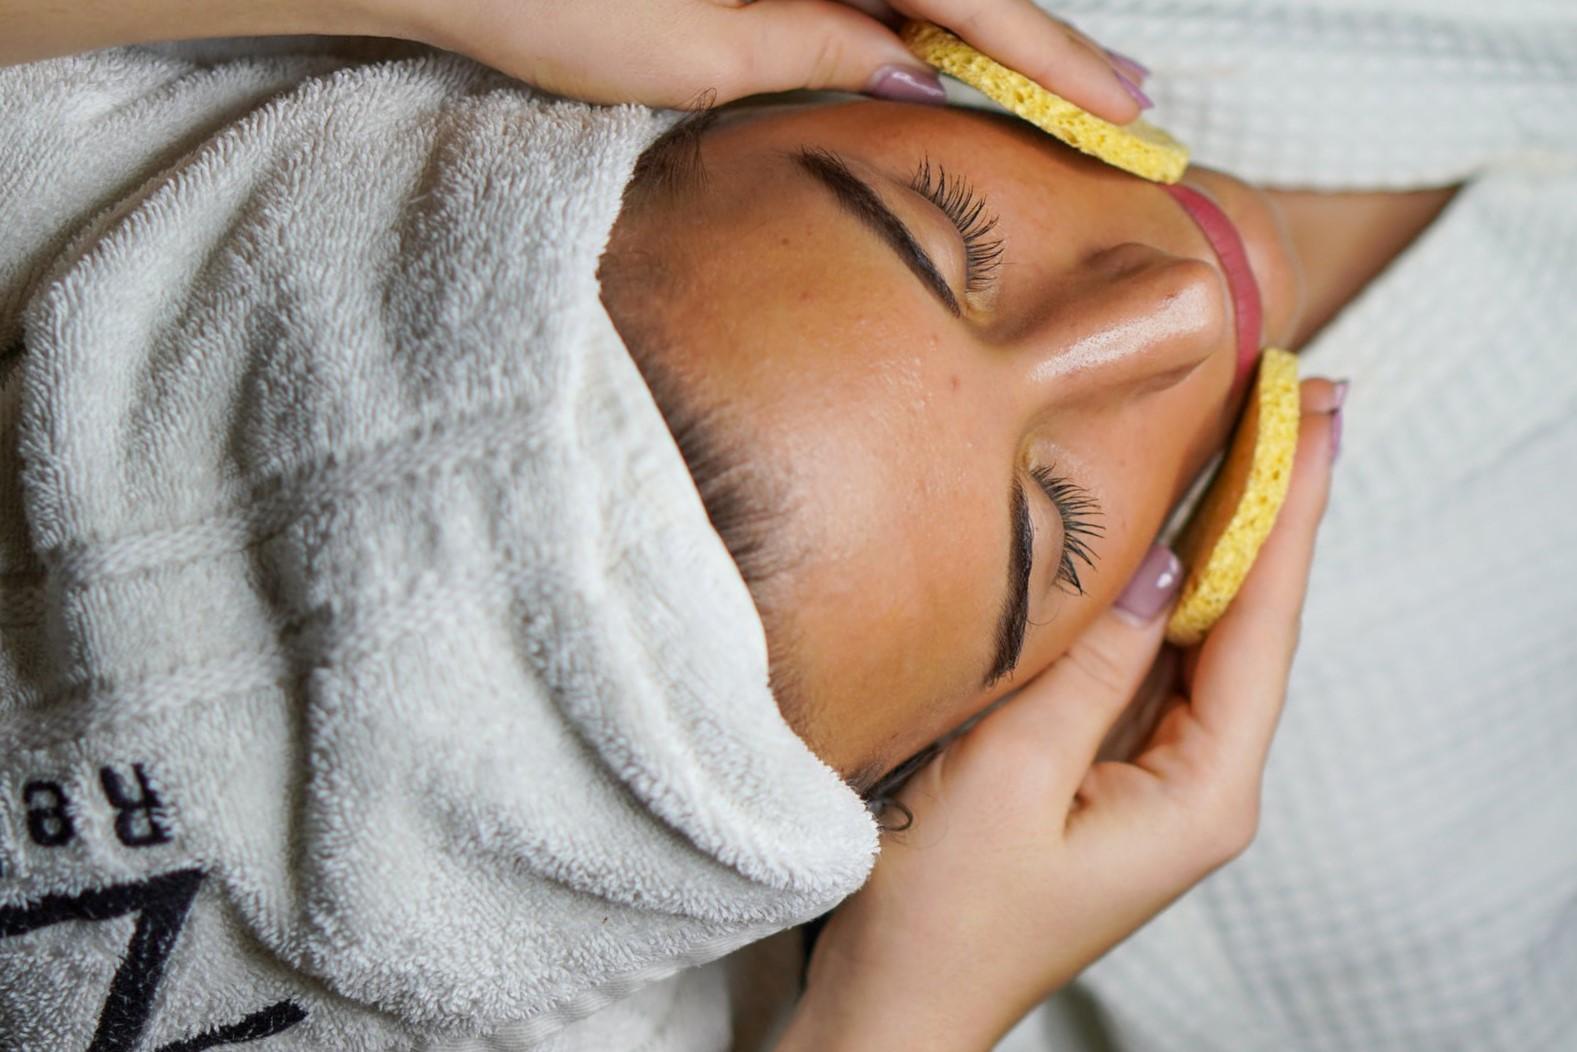 Омолаживающий массаж лица. Как делать массаж для омоложения